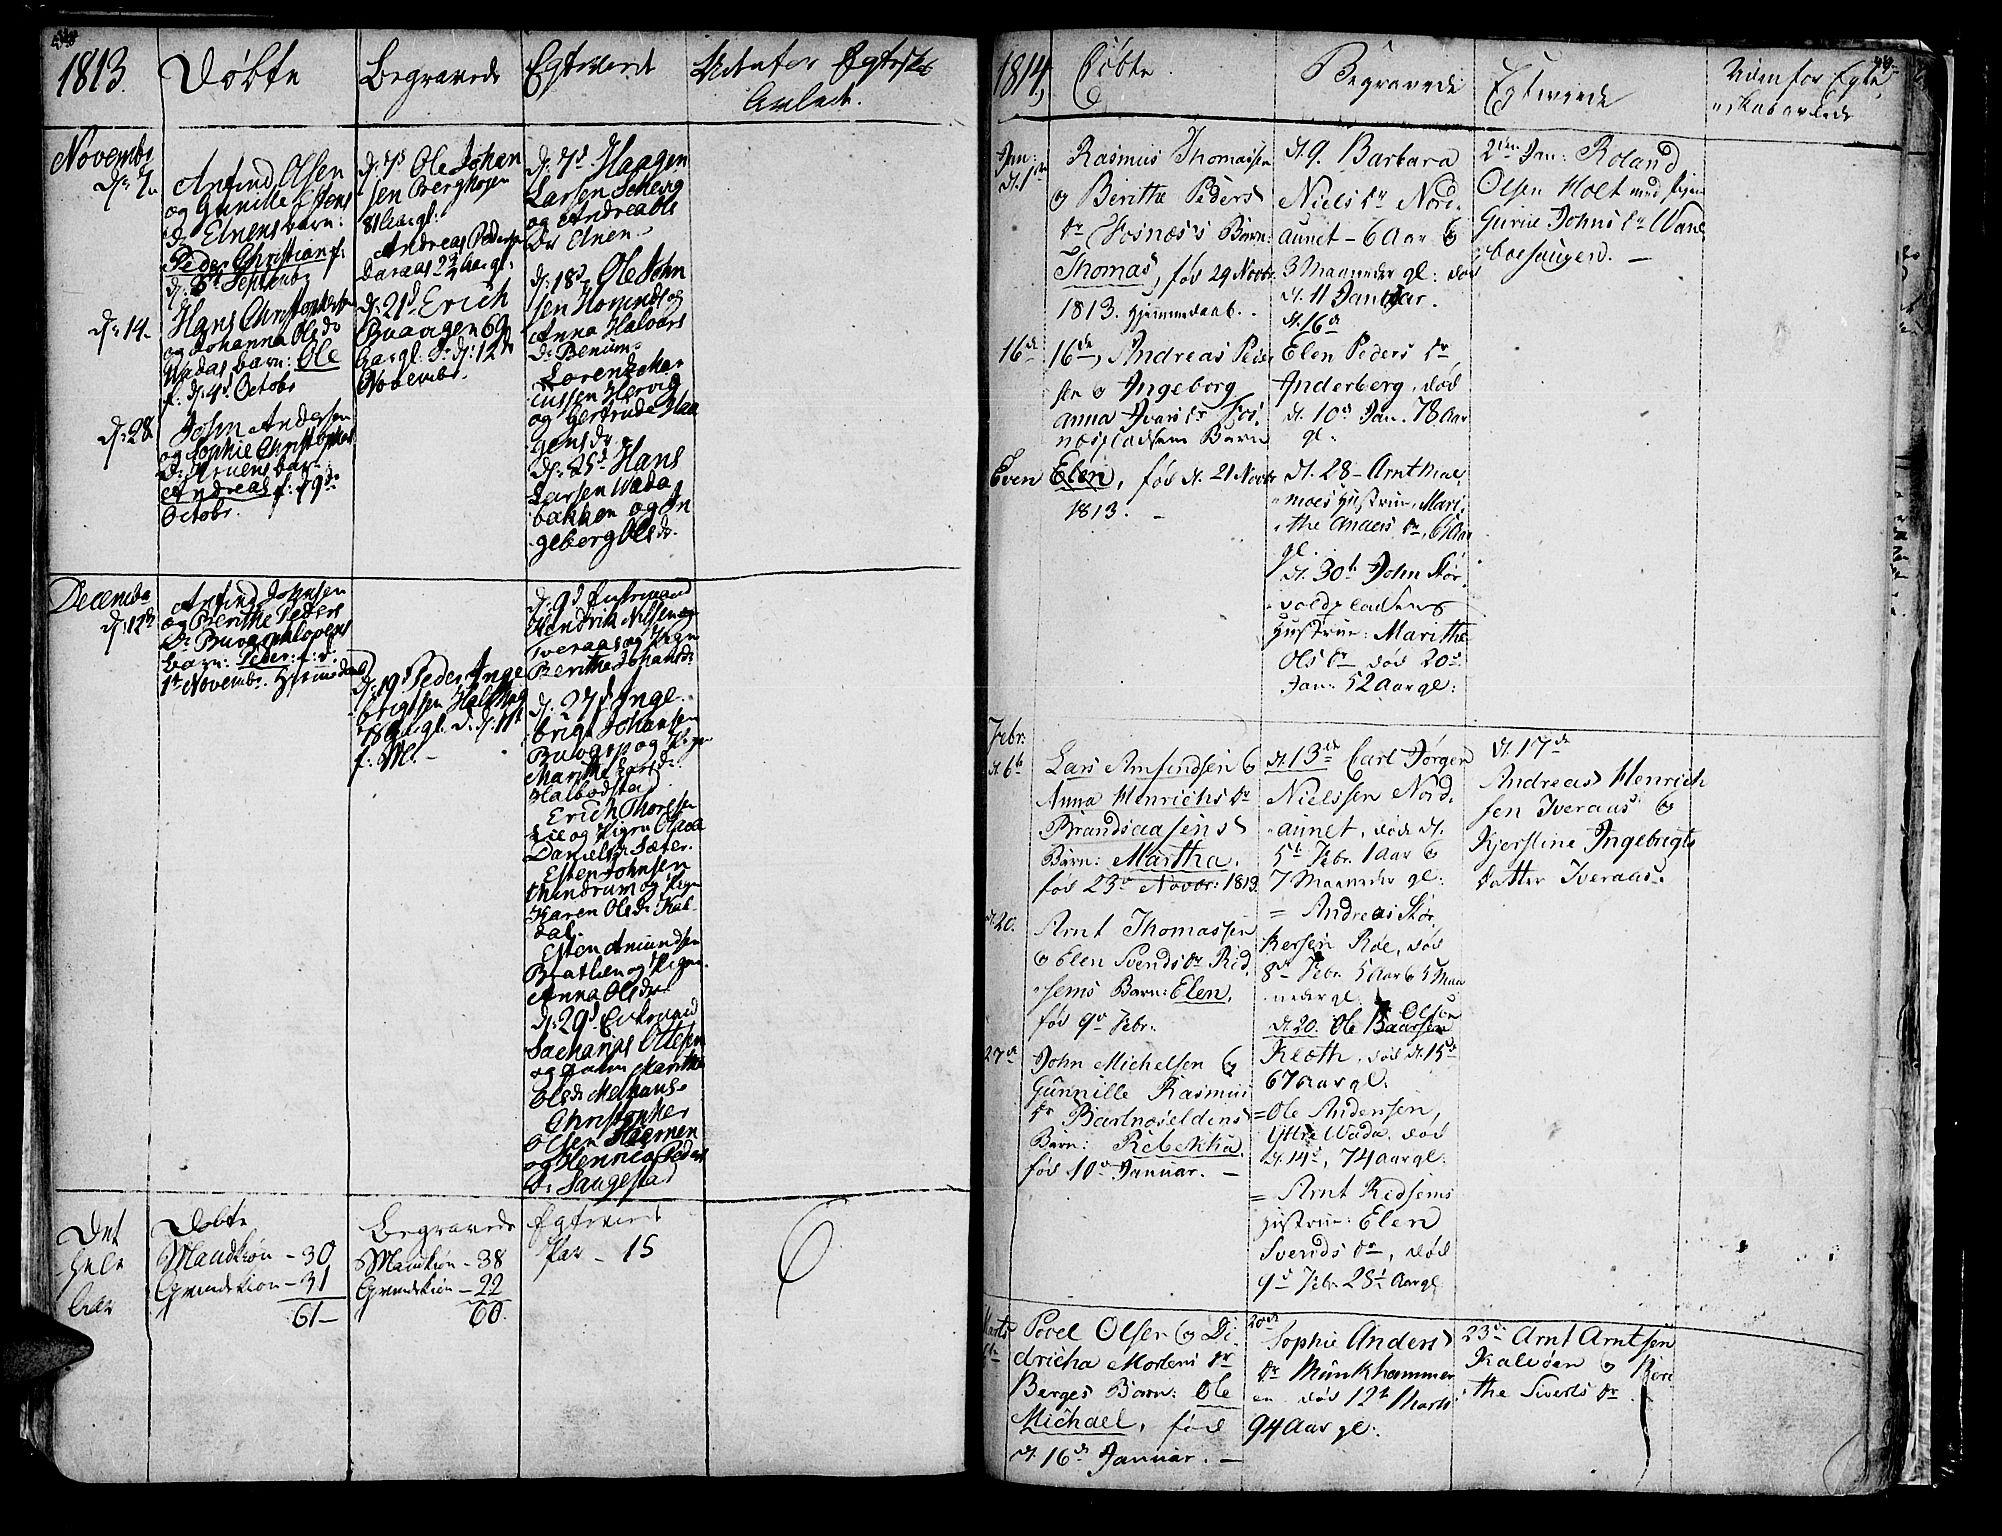 SAT, Ministerialprotokoller, klokkerbøker og fødselsregistre - Nord-Trøndelag, 741/L0386: Ministerialbok nr. 741A02, 1804-1816, s. 58-59